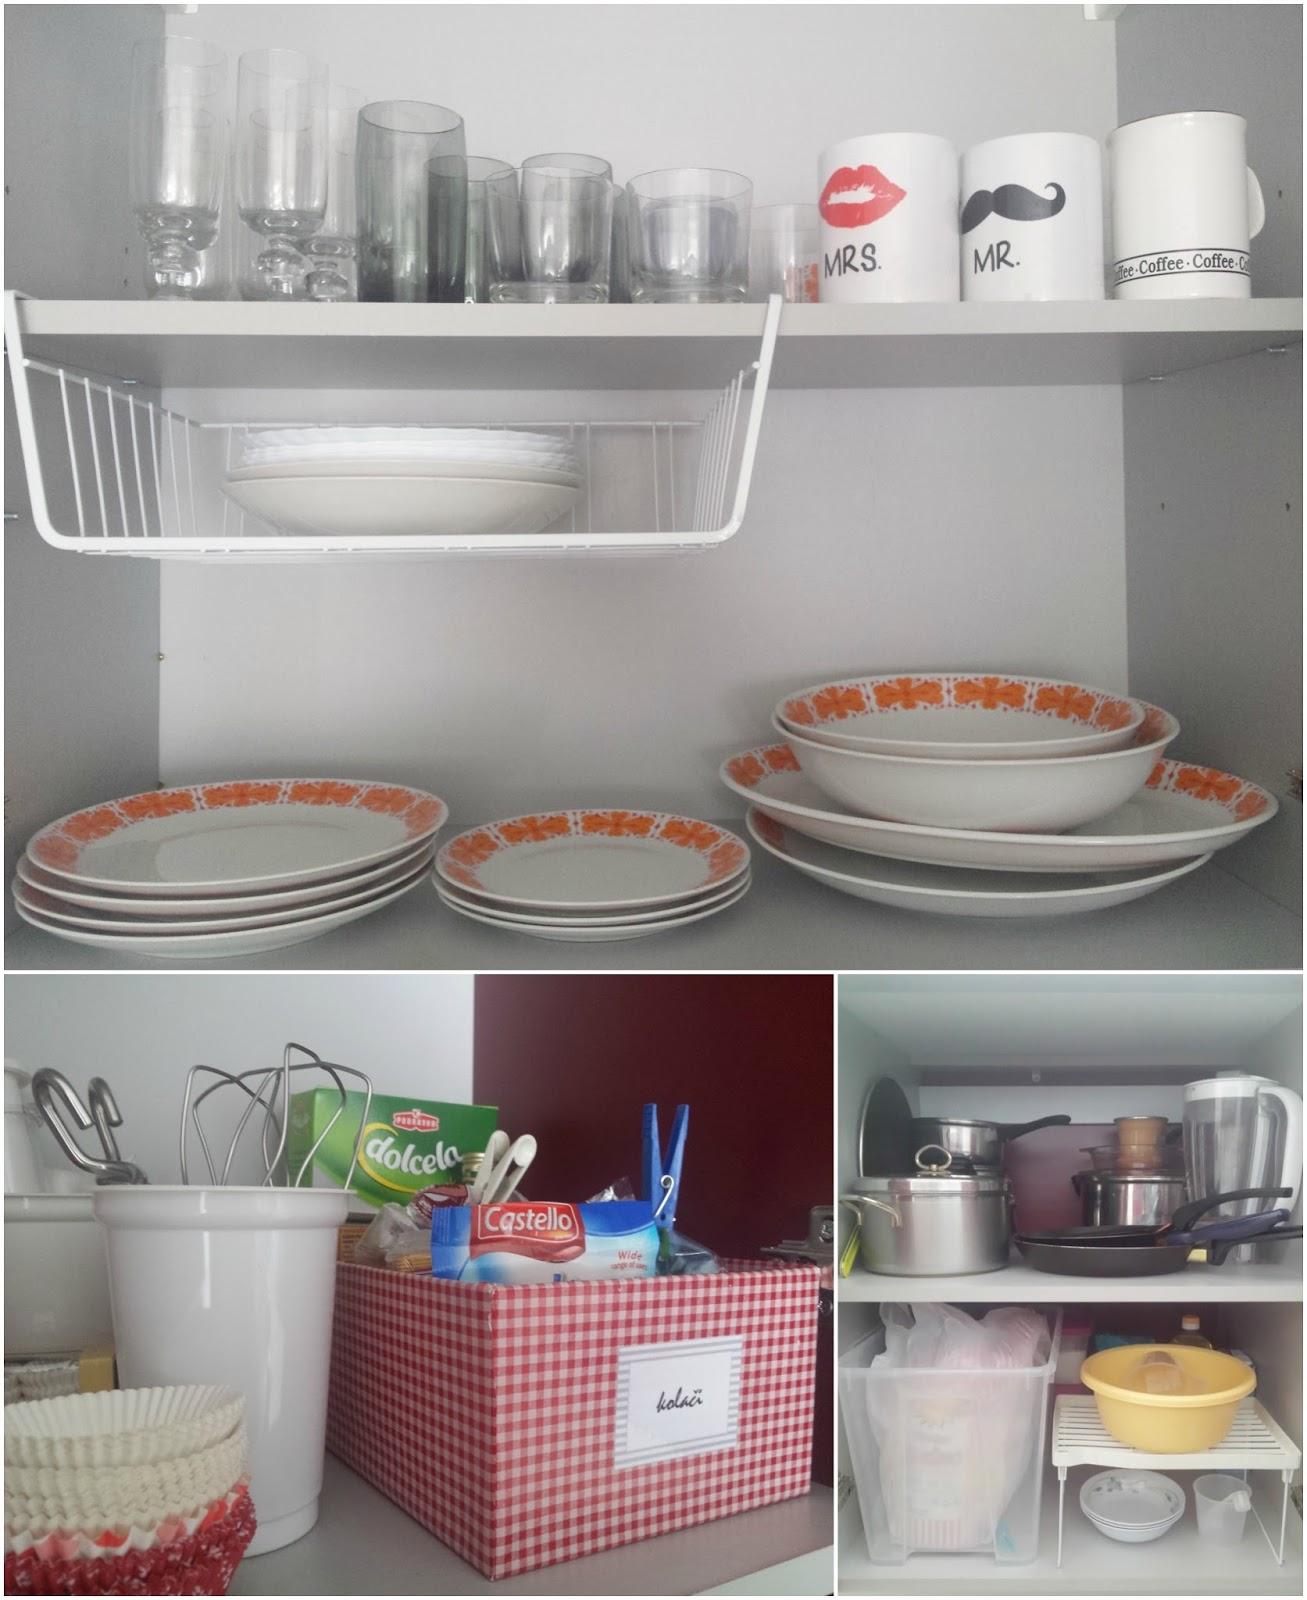 Organizirajte se!: Kako organizirati malu kuhinju?